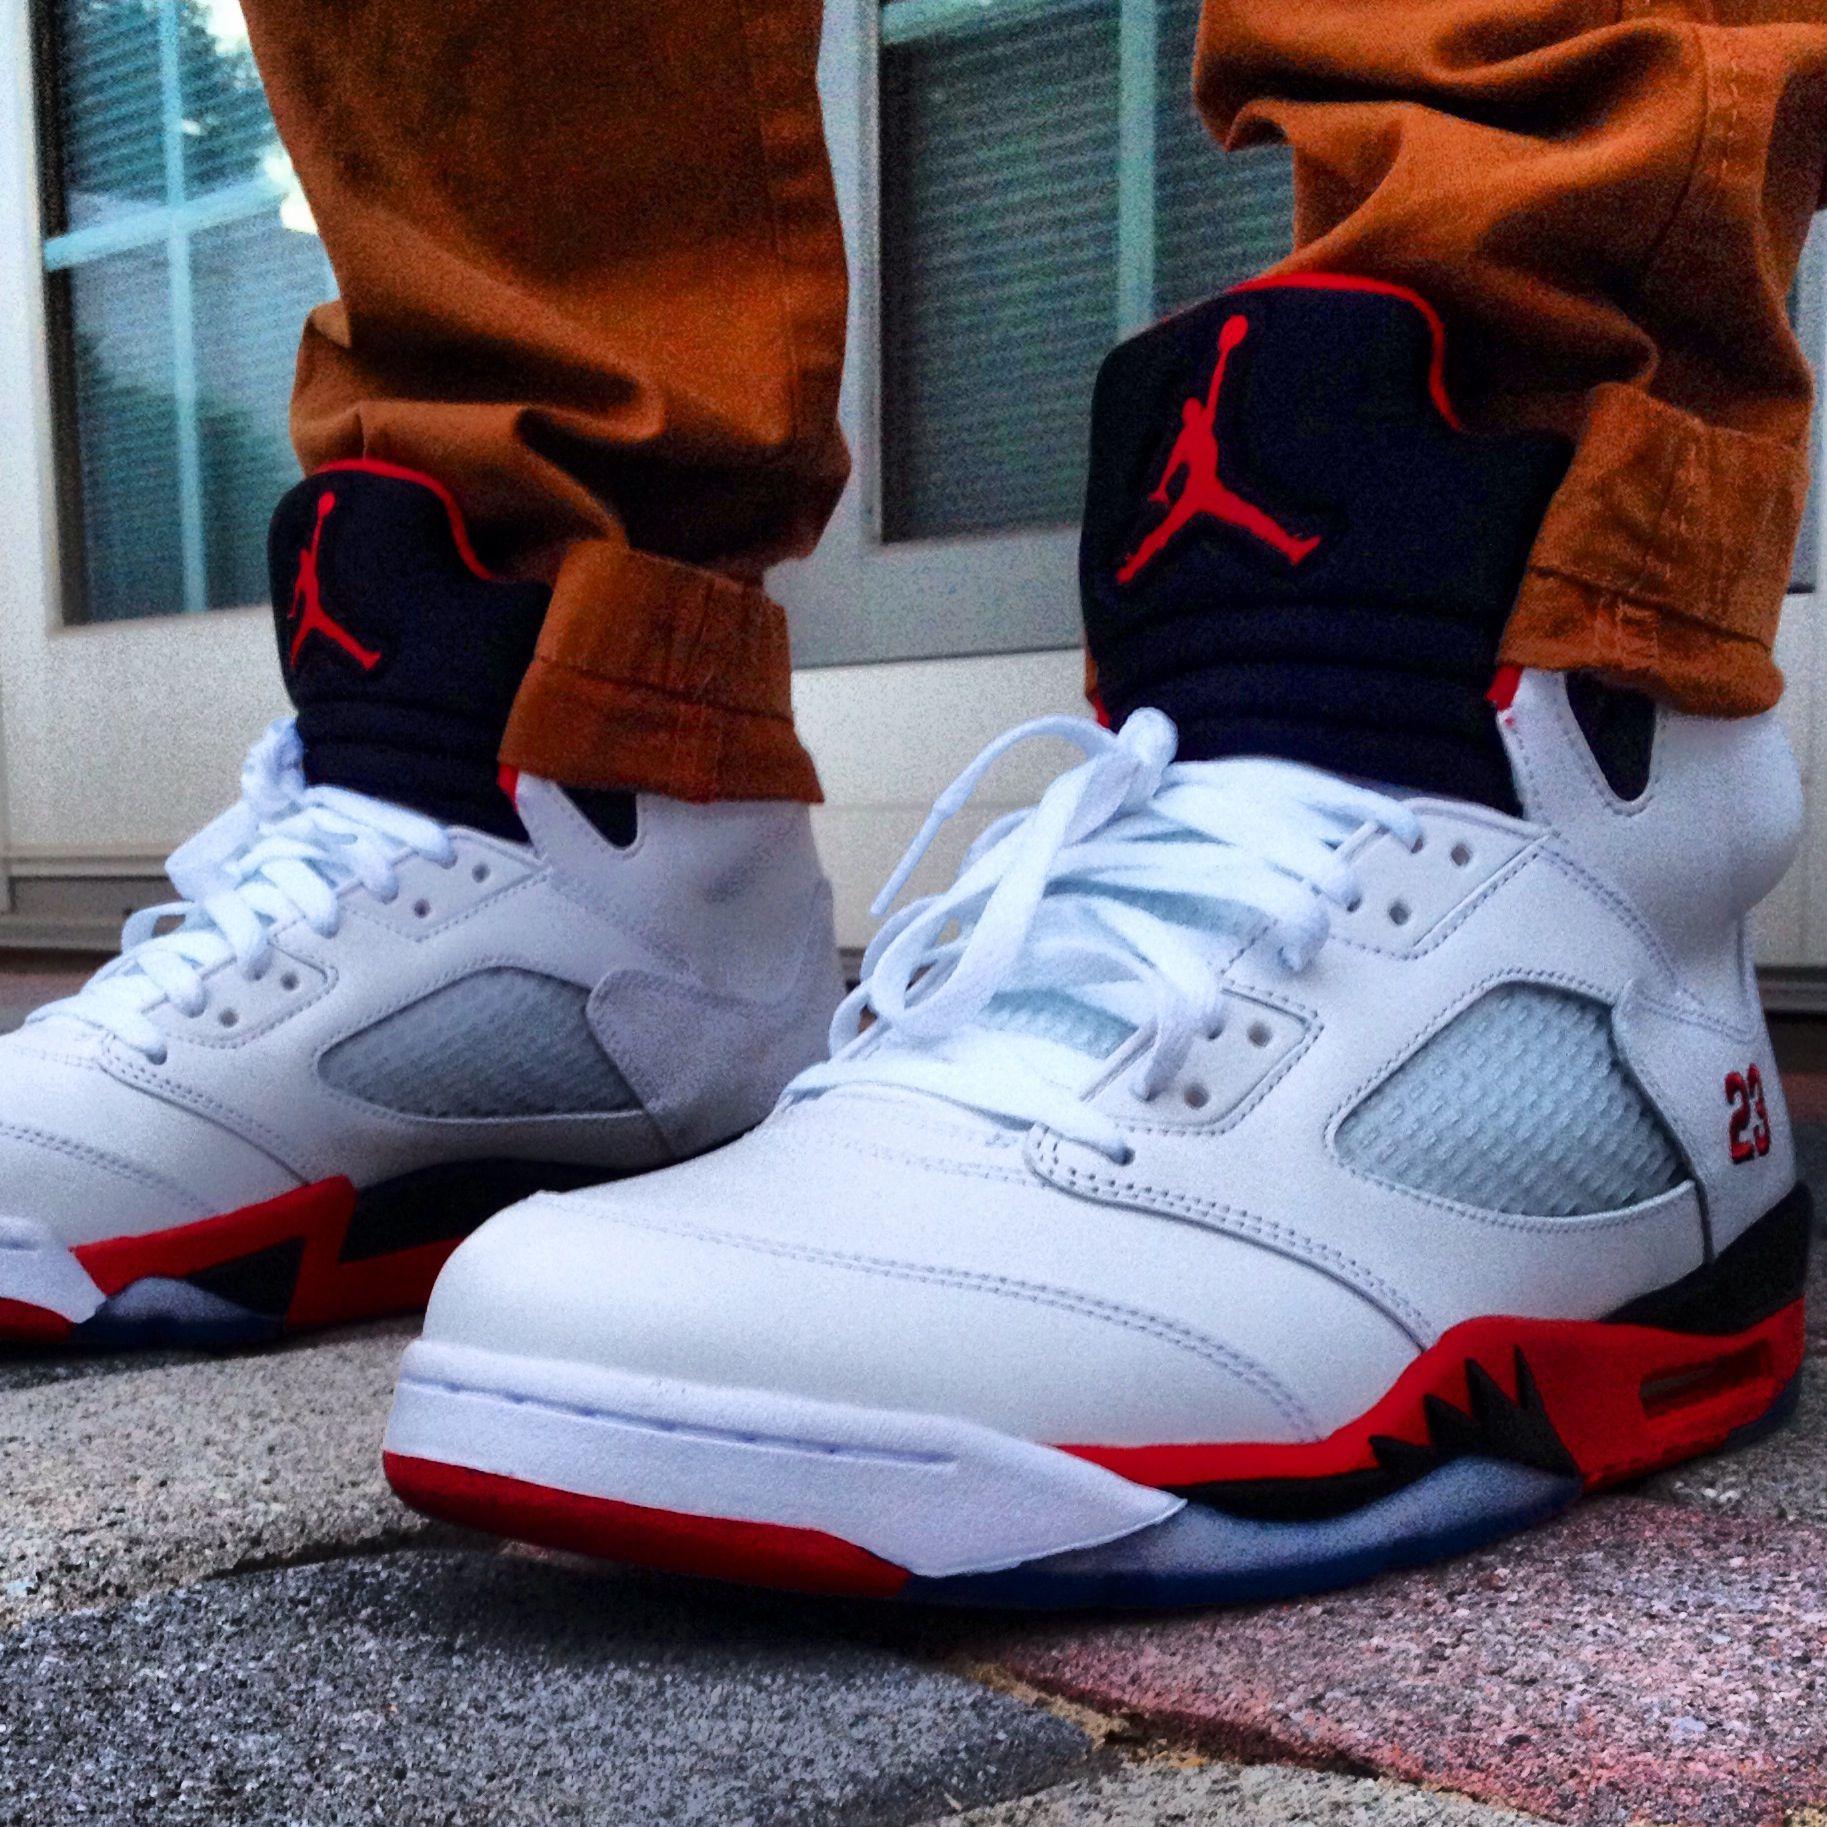 huge selection of 423b6 ab612 Fire Red 5s | Nice Kicks | Air jordans, Sneakers, Jordans